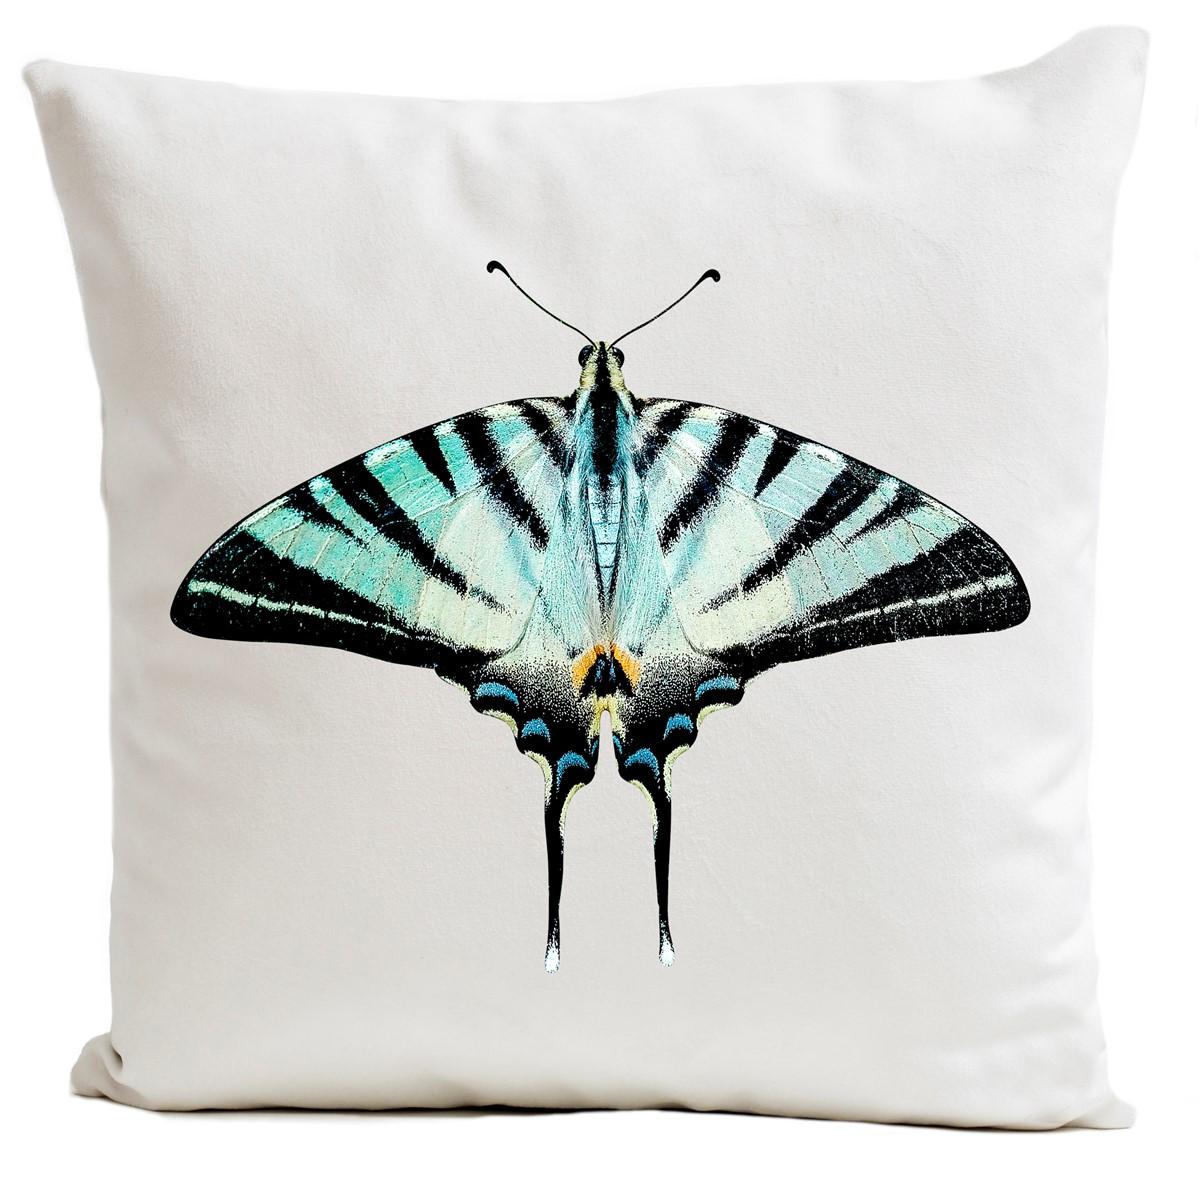 Coussin velours carré imprimé papillons blanc 40x40